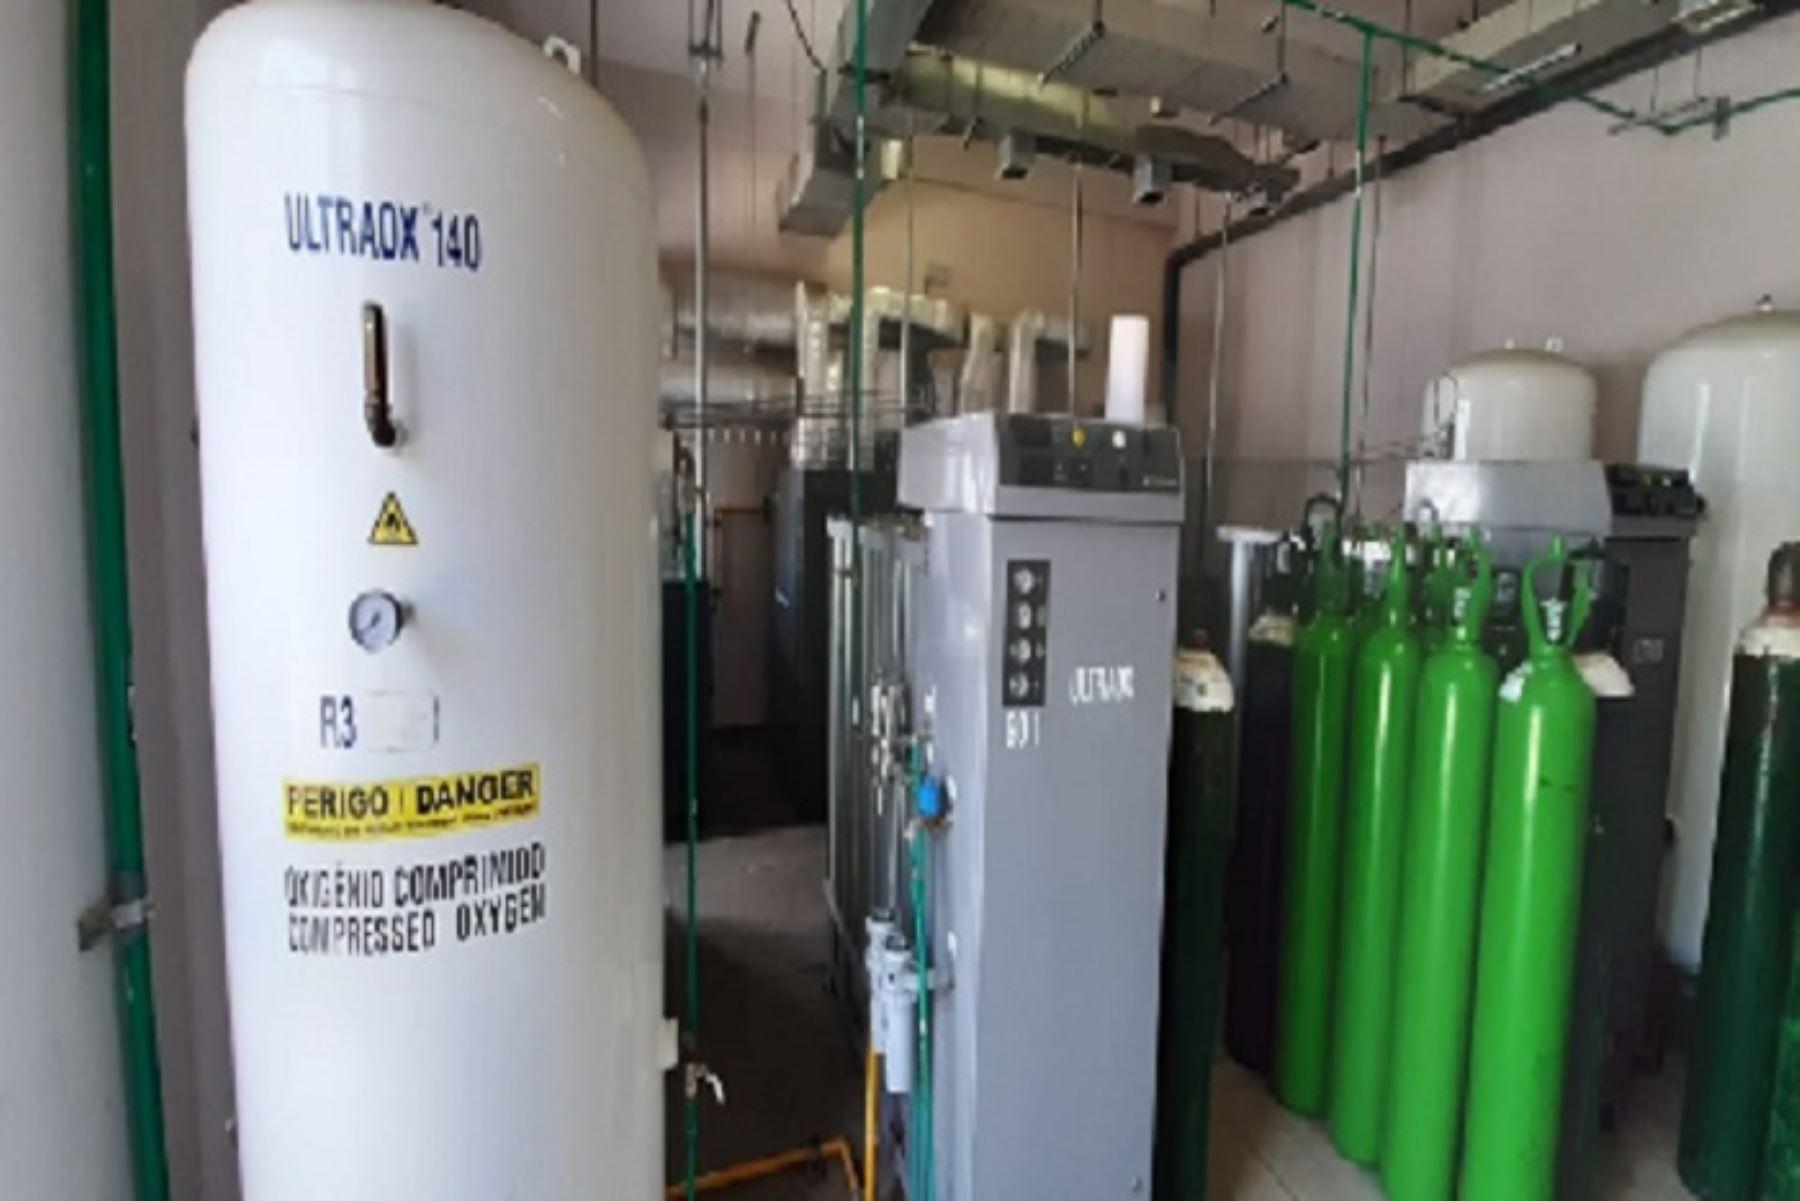 Algunas plantas de oxígeno ya están funcionando, otras se instalan y algunas están en camino, sostuvo el gobernador regional de San Martín, Pedro Bogarín.